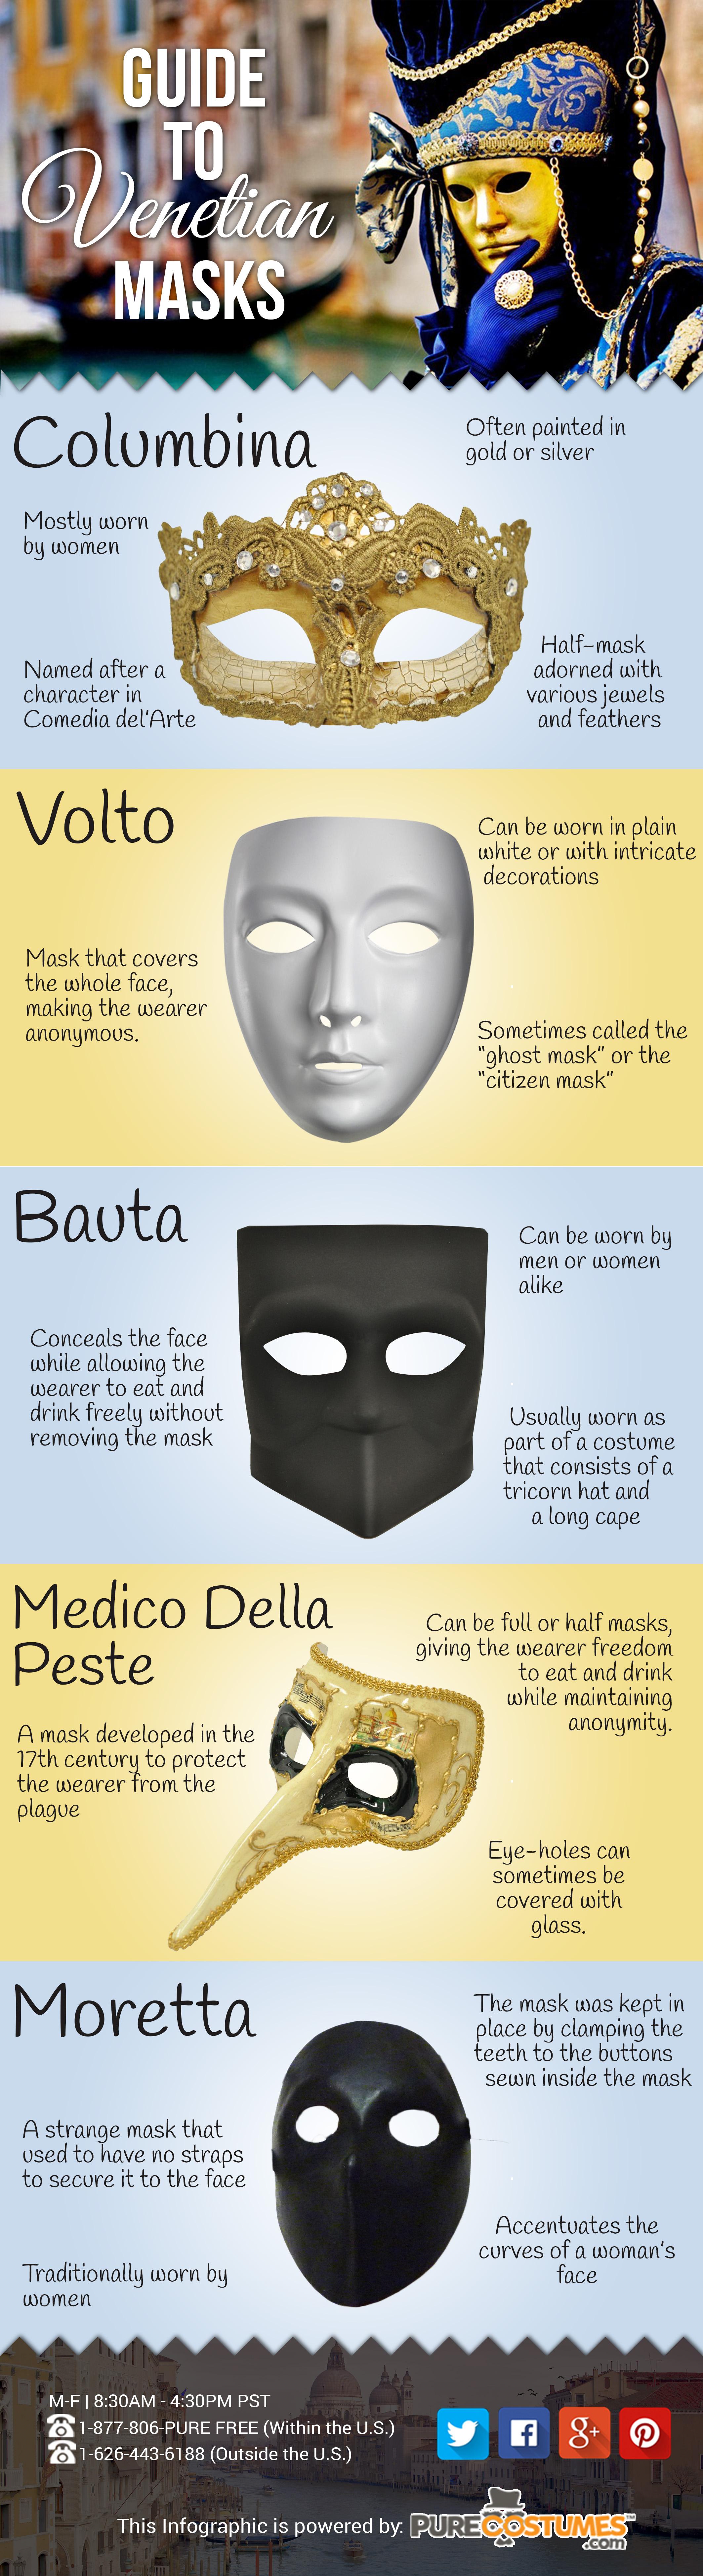 venetian masks infographic